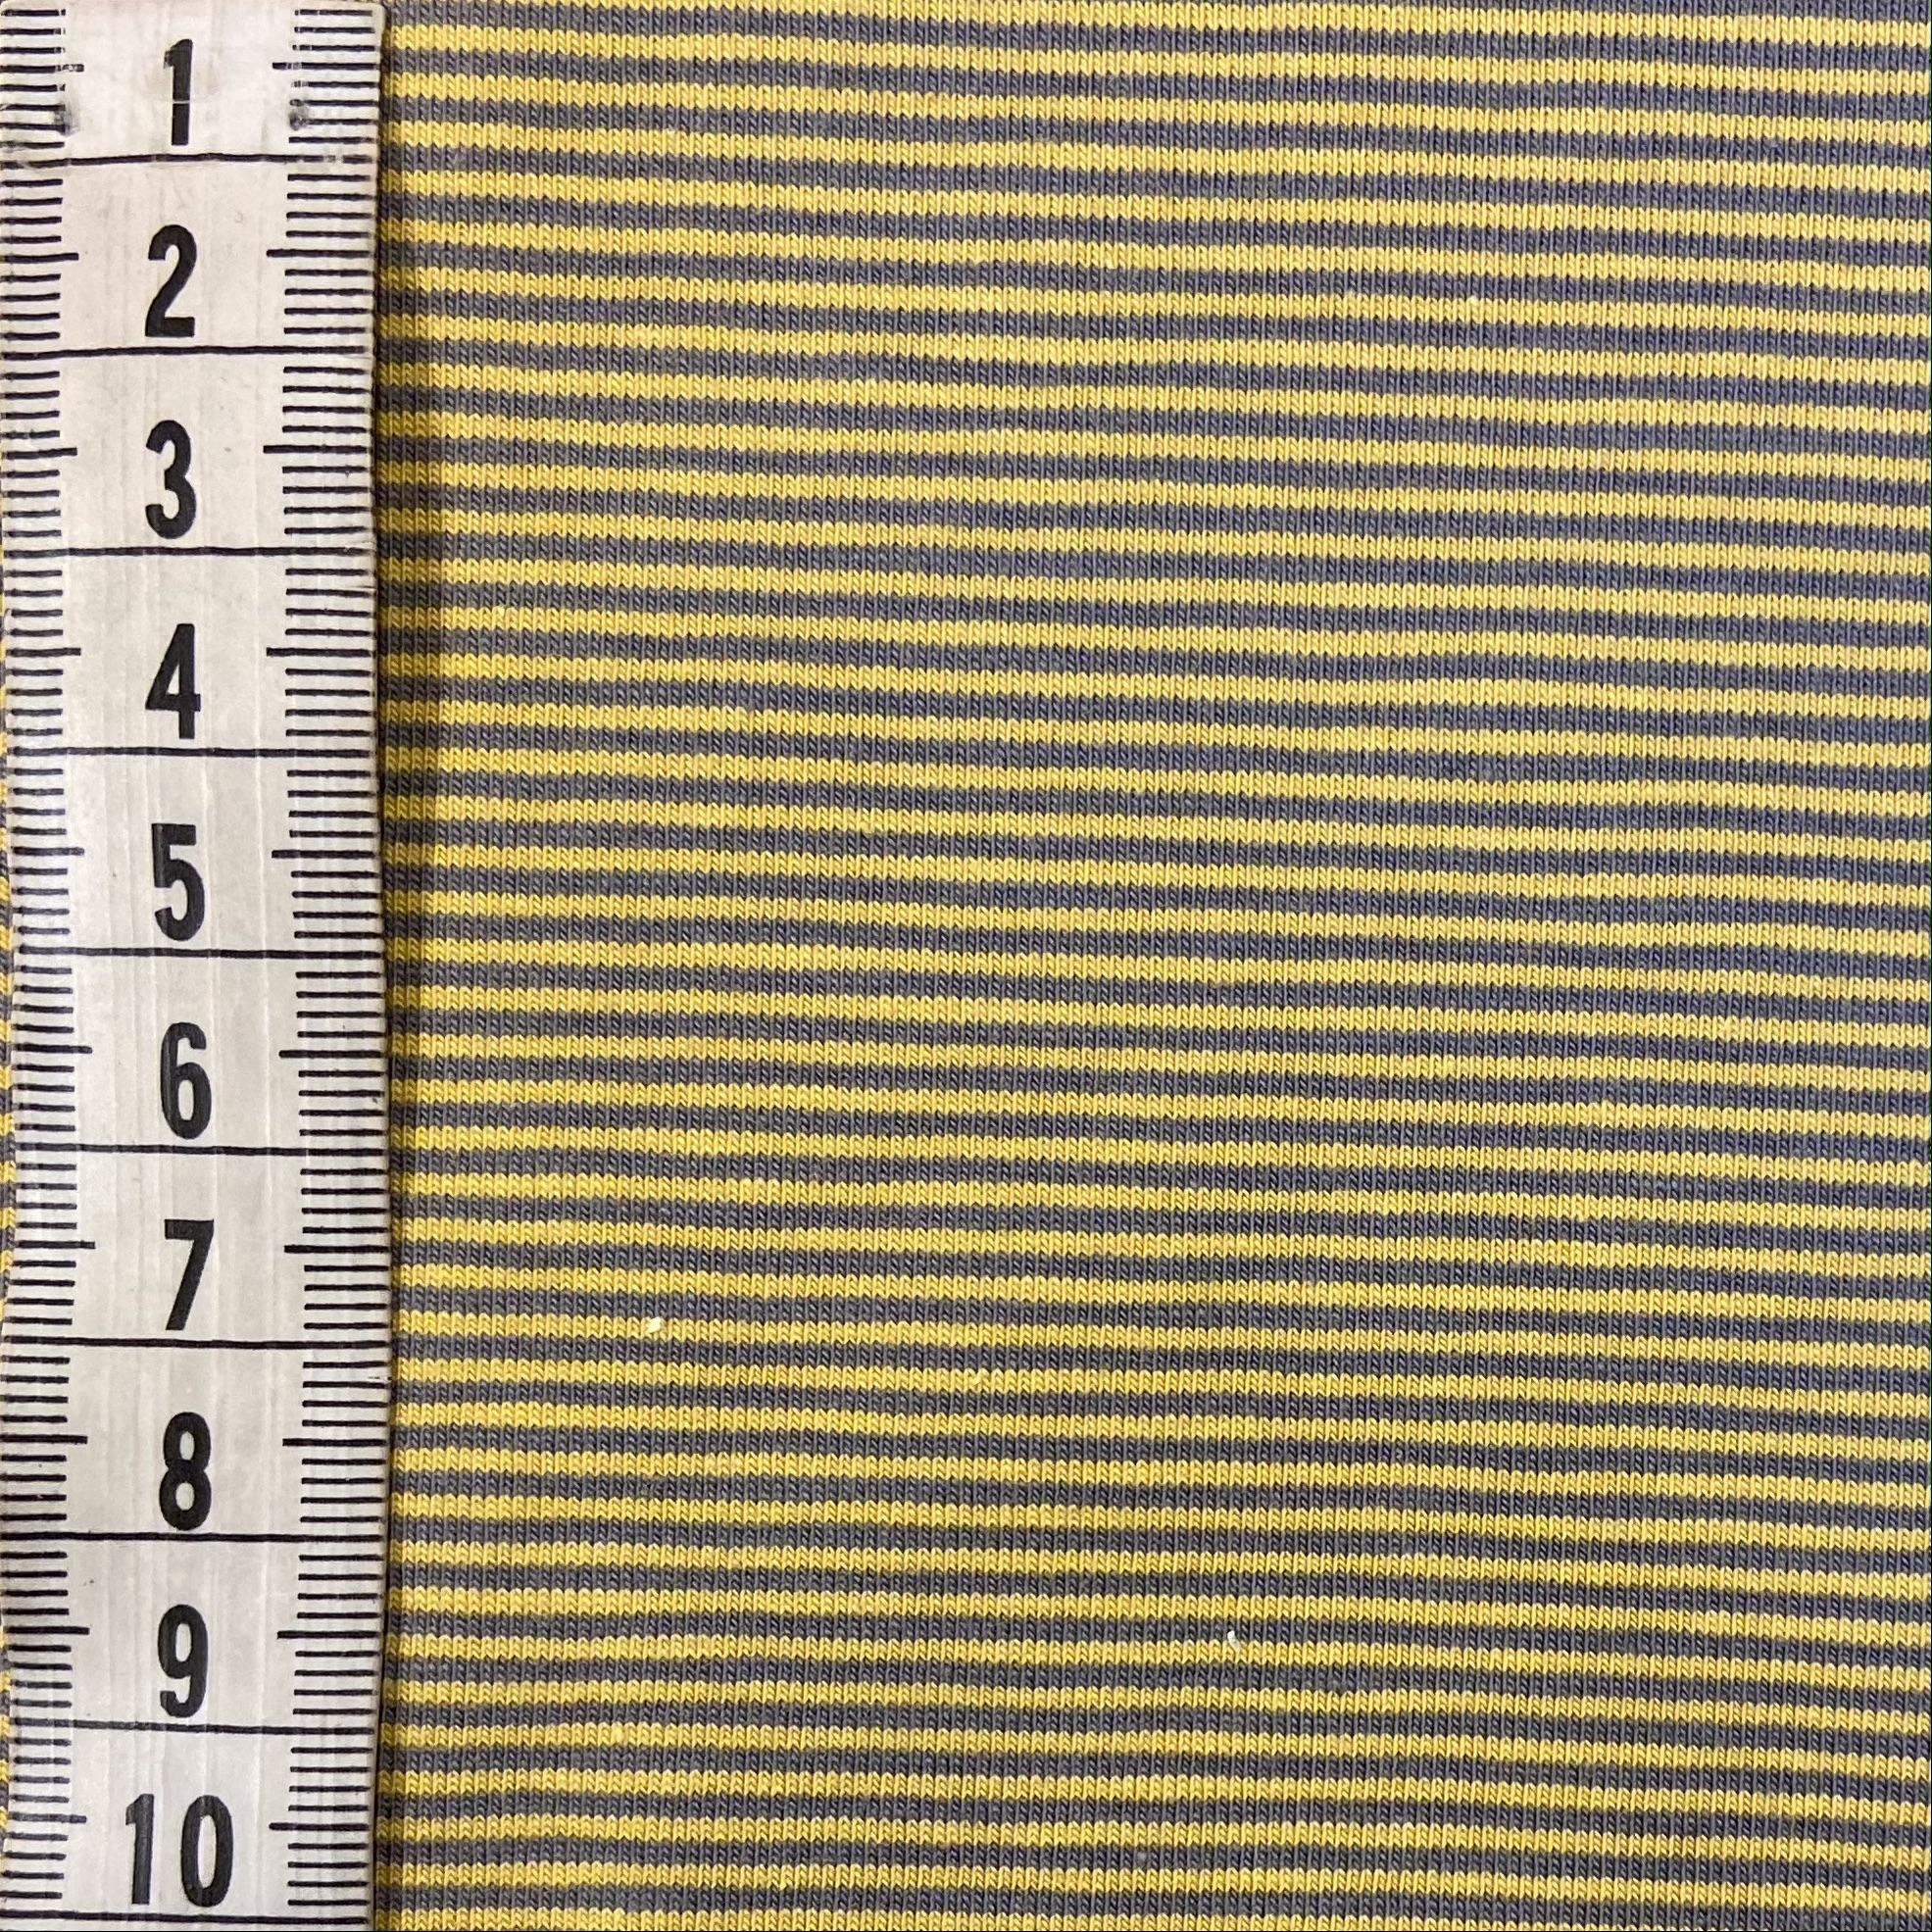 Cornsilk lines